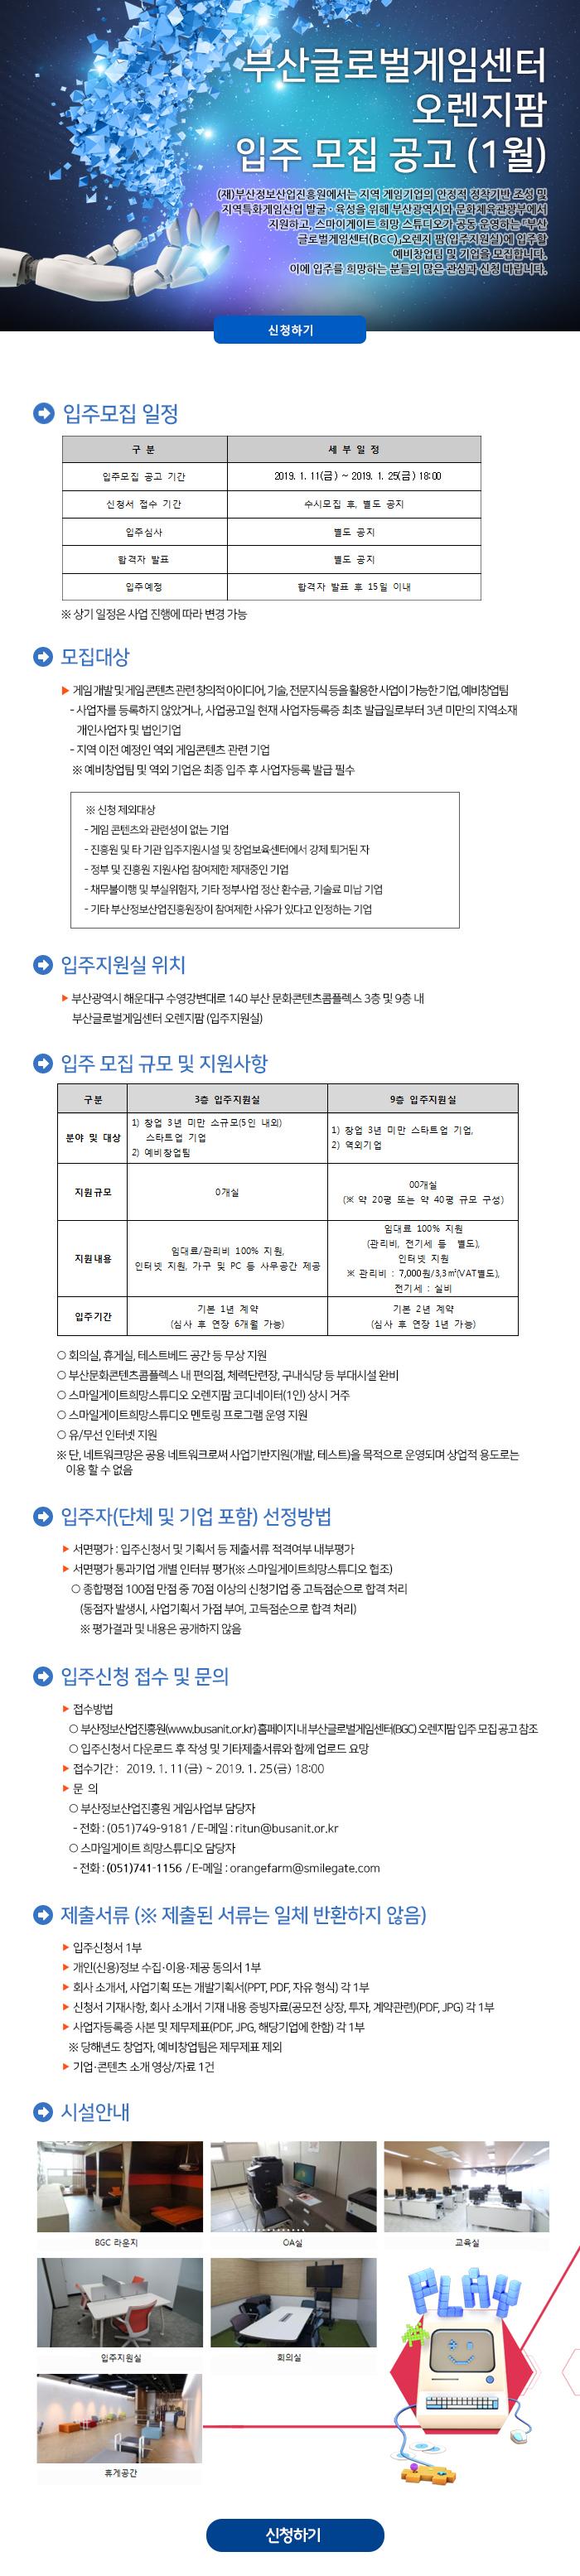 부산글로벌게임센터 오렌지팜 입주 모집 공고 (1월)